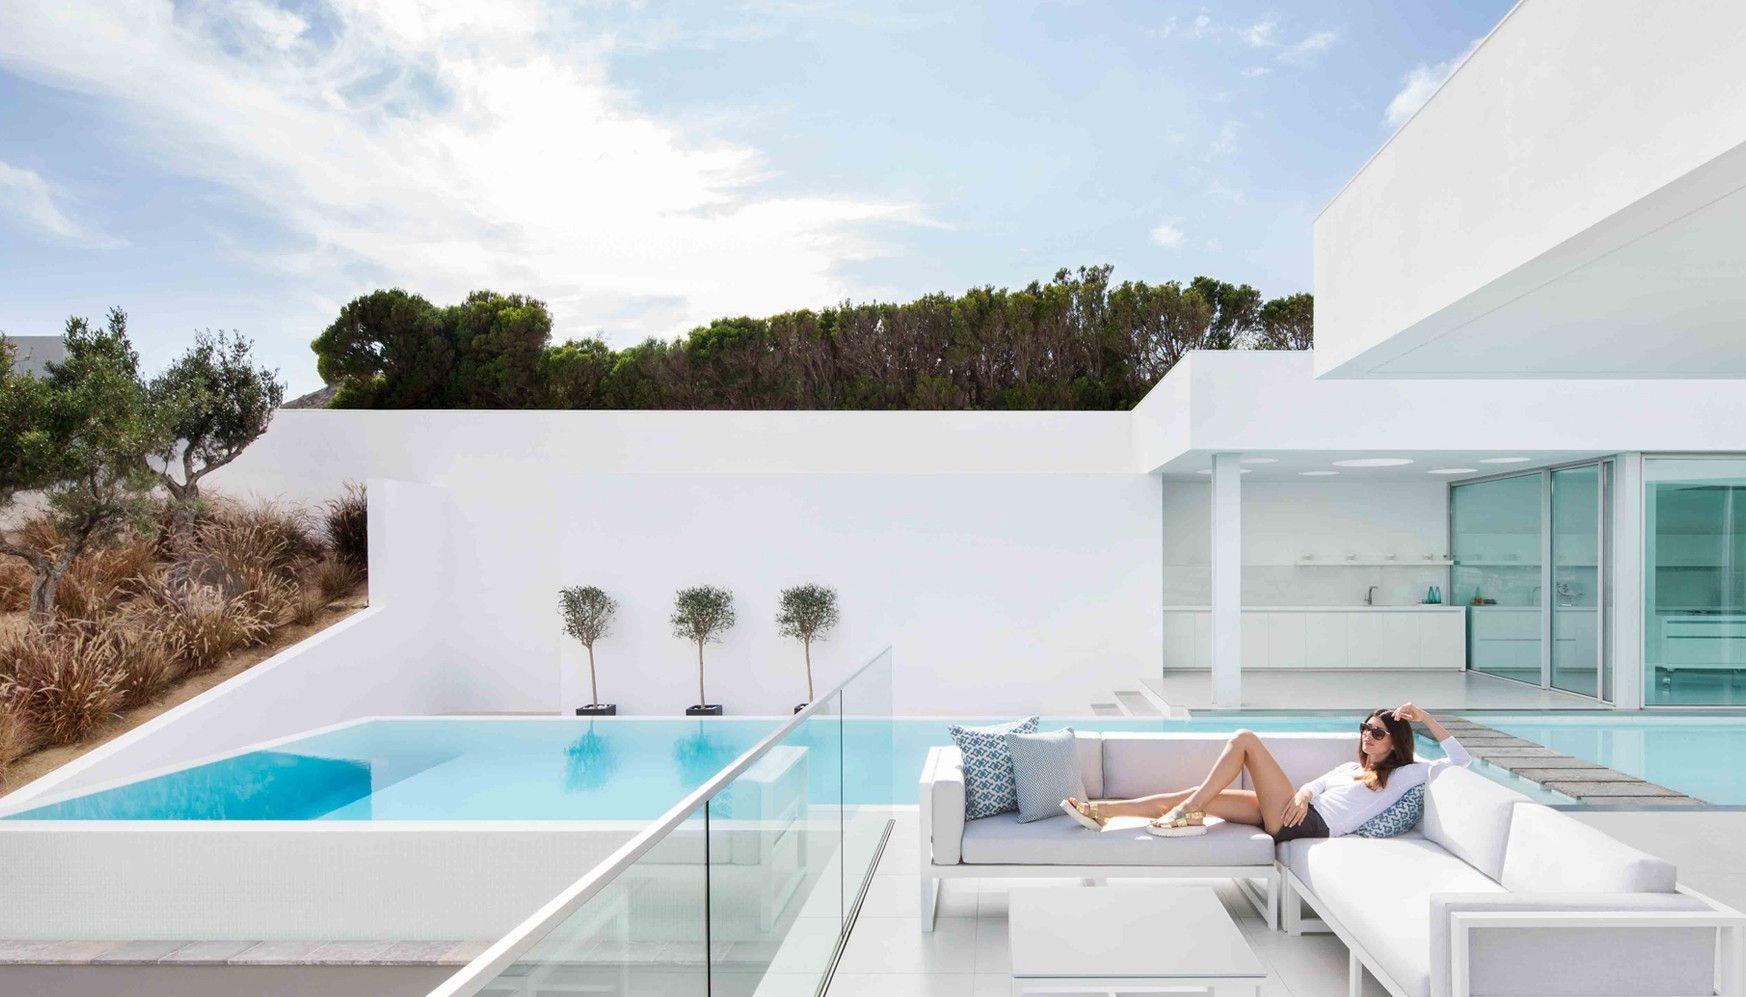 Salon De Jardin Design Luxe Avec Confortable Mobilier De ...